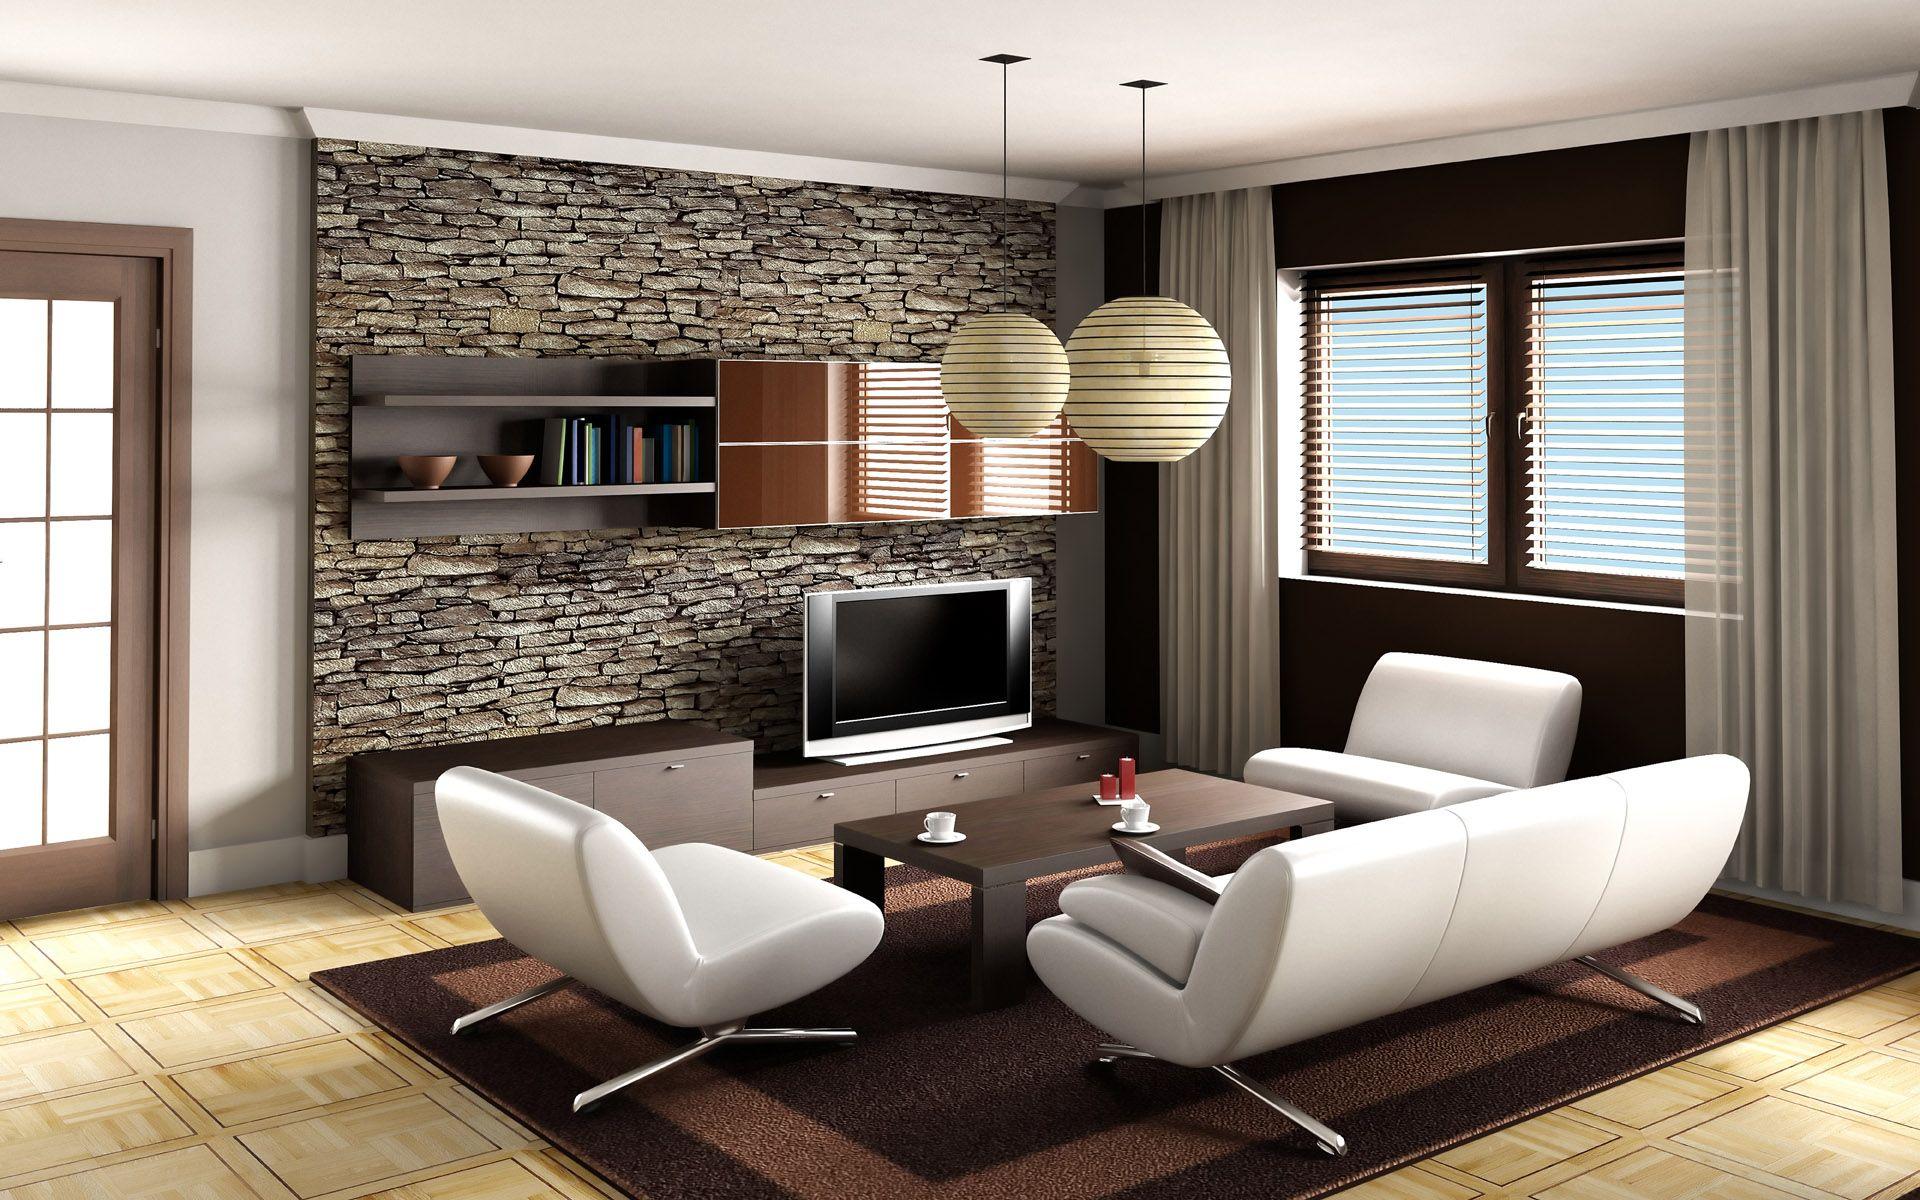 Home interior design living room home design ideas home decorating ideas  home design ideas home